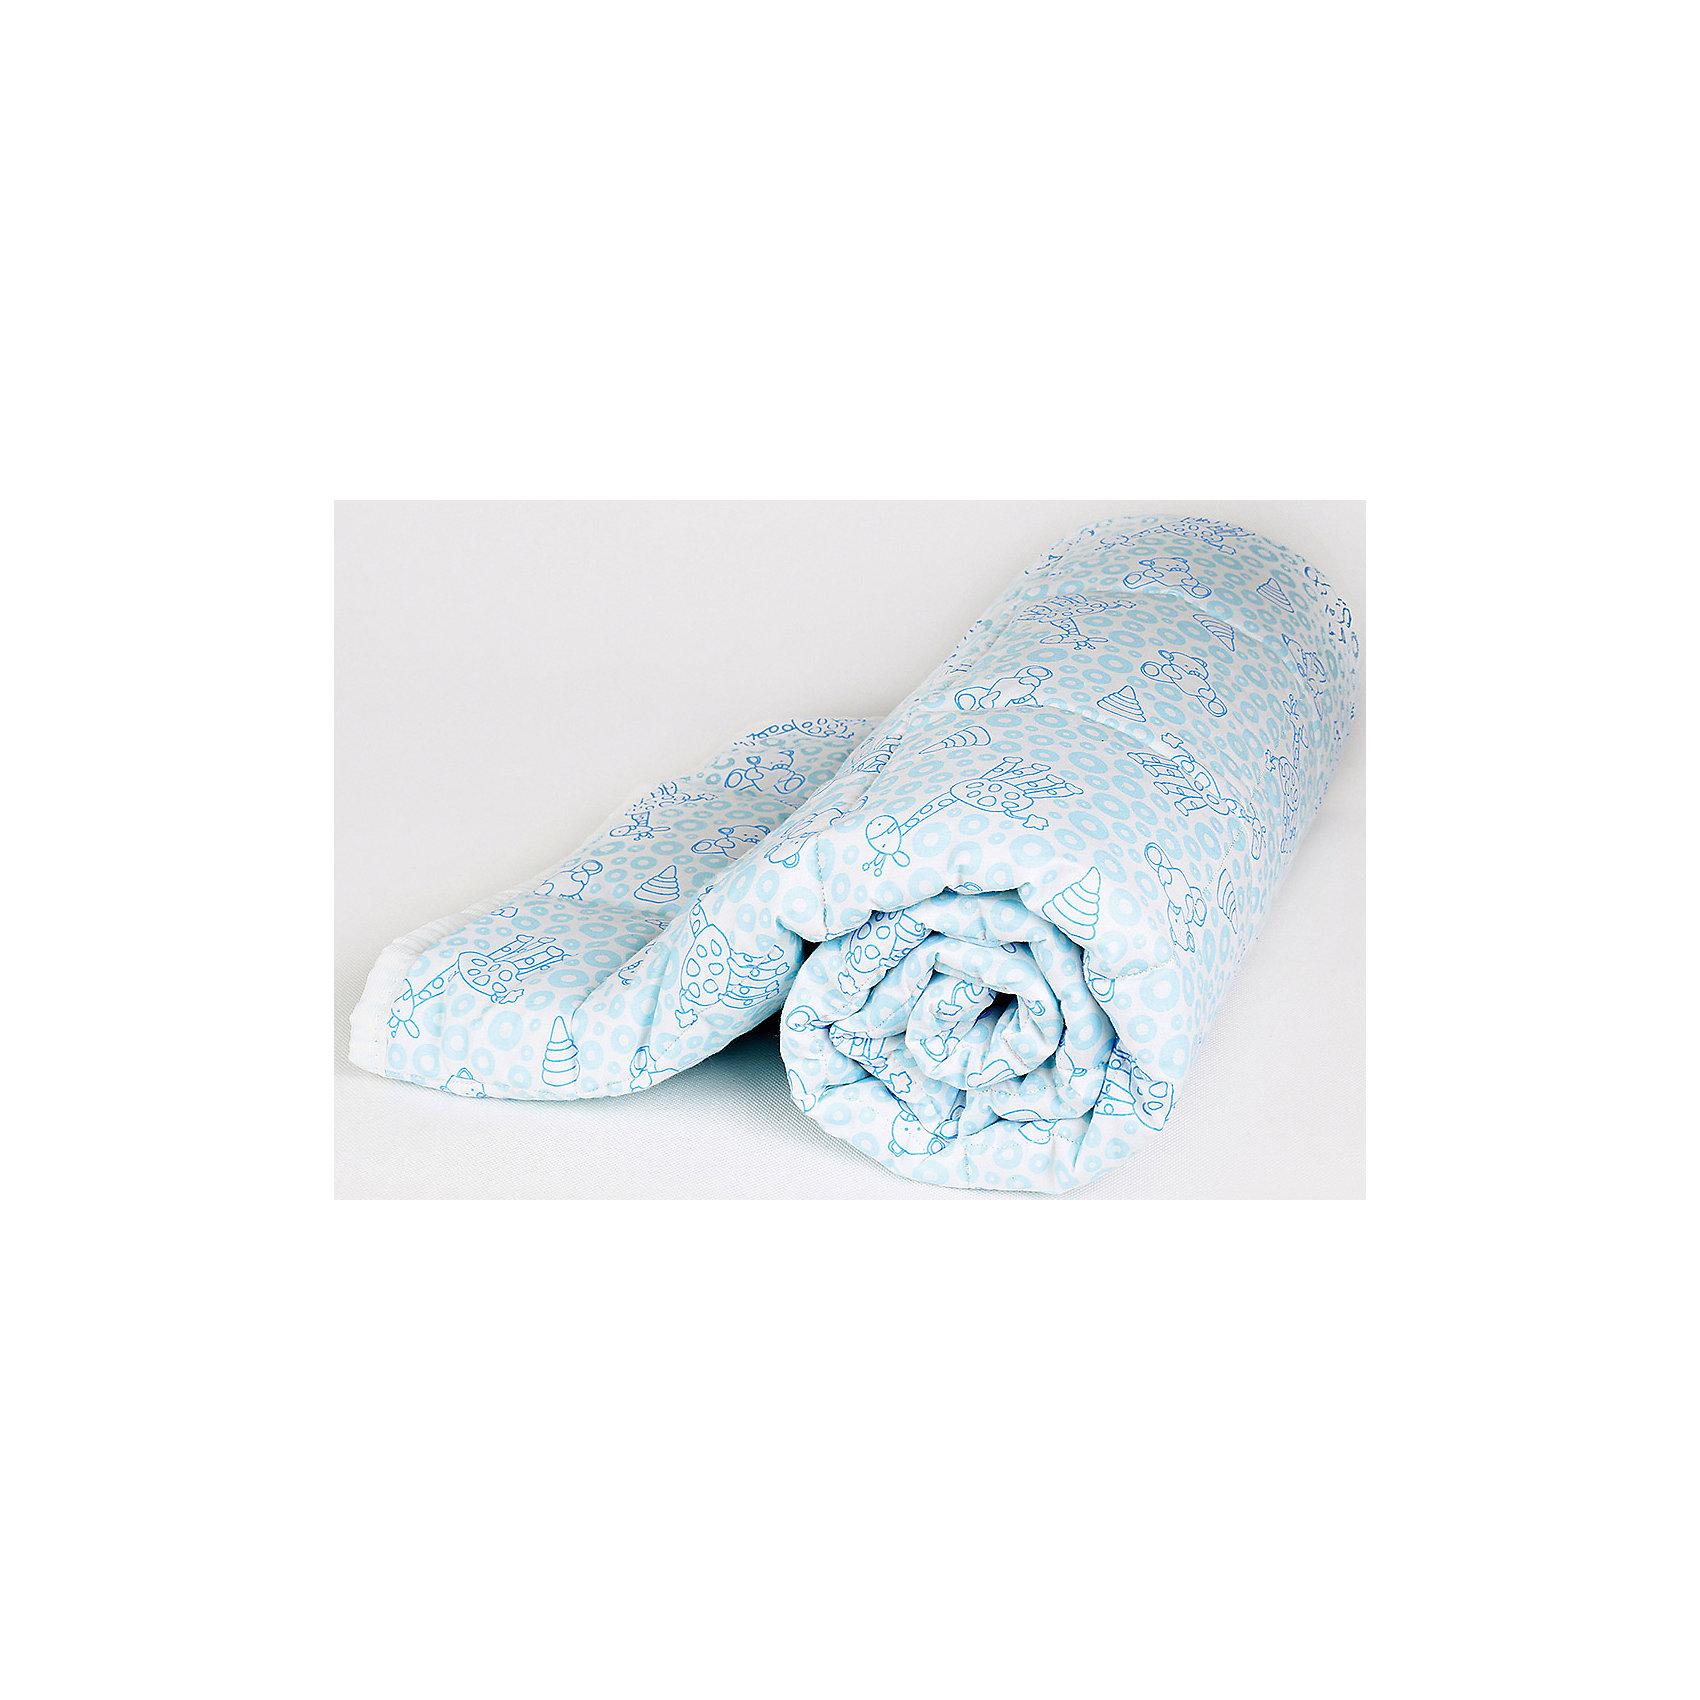 Одеяло стеганное Мишки и жирафы, файбер 300, 105х140, Baby Nice, голубойОдеяла, пледы<br>Одеяло стеганное Мишки и жирафы, файбер 300, 105х140, Baby Nice, голубой.<br><br>Характеристики:<br><br>- Размер: 105х140 см.<br>- Материал верха: 100% хлопок<br>- Наполнитель: файбер<br>- Плотность наполнителя: 300 г/м2<br>- Цвет: голубой<br>- Упаковка: пластиковая сумка-чехол<br>- Размер упаковки: 35x13х32 см.<br><br>Стёганое одеяло «Мишки и жирафы» от российского производителя Baby Nice - это прекрасное решение для детской кроватки, ведь оно отлично согреет малыша, подарив ему необыкновенный комфорт и уют. Одеяло изготовлено из высококачественных материалов: верх выполнен из 100%-го хлопка, а наполнитель - из файбера, благодаря чему одеяло невероятно лёгкое и обладает прекрасными дышащими и терморегуляционными свойствами. В нем заводятся пылевые клещи и микроорганизмы. К тому же оно гипоаллергенно, отлично стирается и не слеживается, быстро сохнет и не впитывает неприятные запахи. А принт с забавными жирафами и медвежатами обязательно порадует ребёнка.<br><br>Одеяло стеганное Мишки и жирафы, файбер 300, 105х140, Baby Nice, голубое можно купить в нашем интернет-магазине.<br><br>Ширина мм: 200<br>Глубина мм: 100<br>Высота мм: 100<br>Вес г: 500<br>Возраст от месяцев: 0<br>Возраст до месяцев: 36<br>Пол: Унисекс<br>Возраст: Детский<br>SKU: 4943420